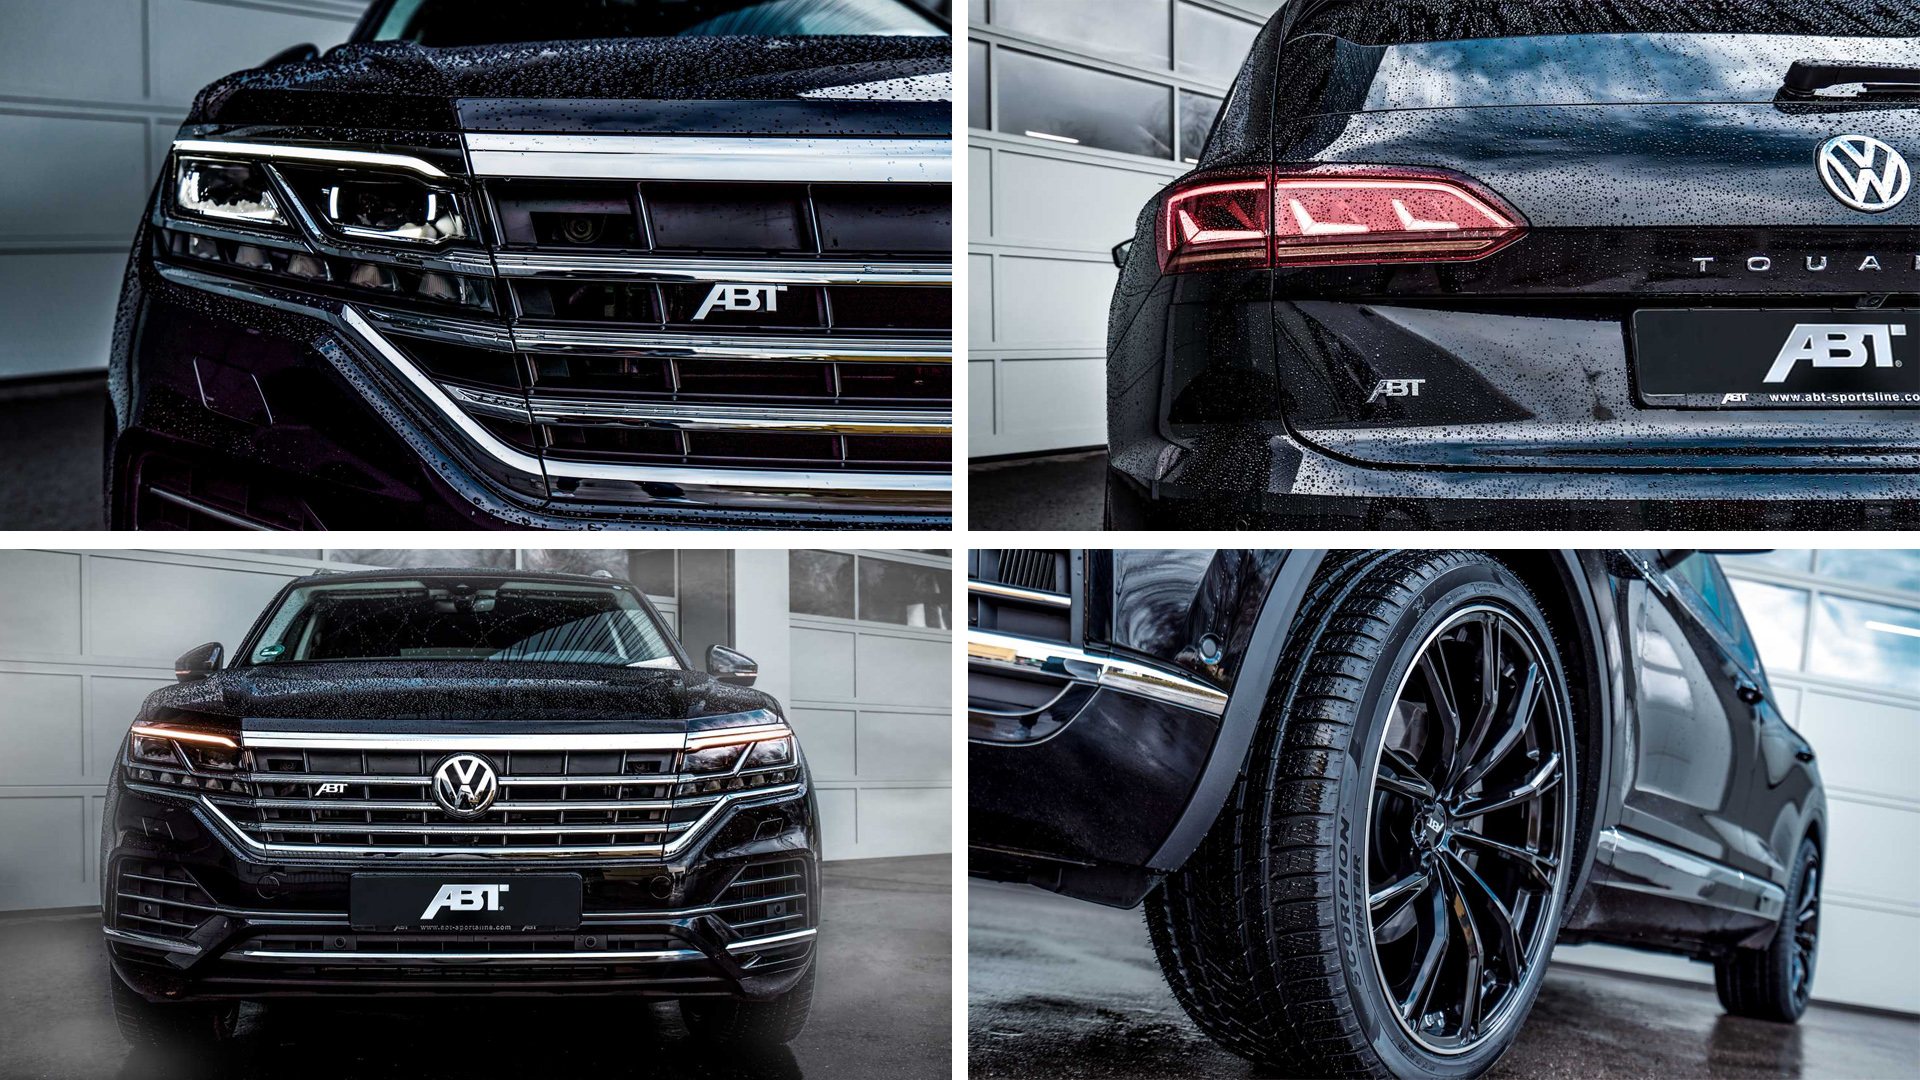 Volkswagen Touareg ABT Sportsline